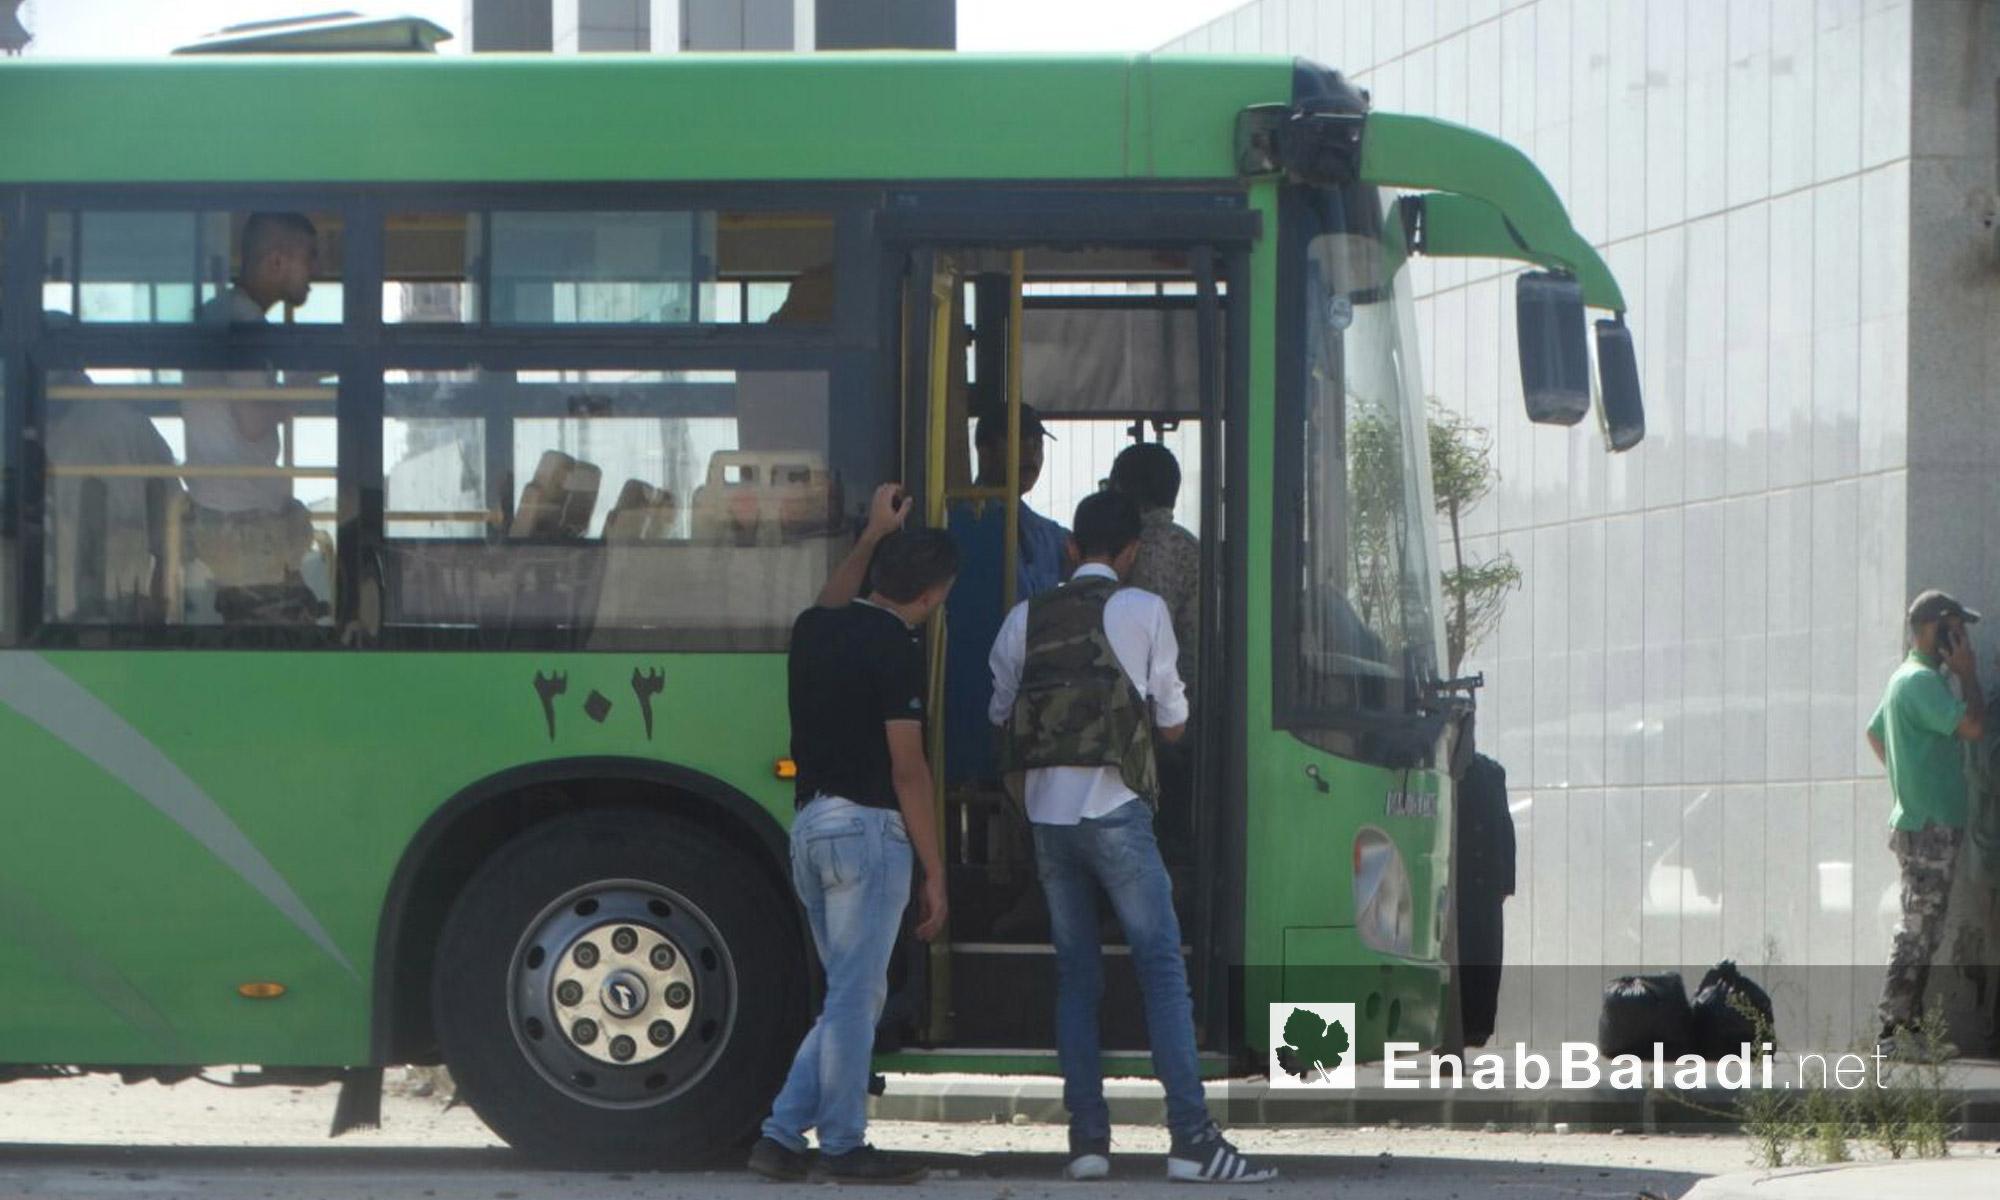 مقاتلو الوعر ينتظرون خروجهم إلى ريف حمص الشمالي - الخميس 23 أيلول (عنب بلدي)